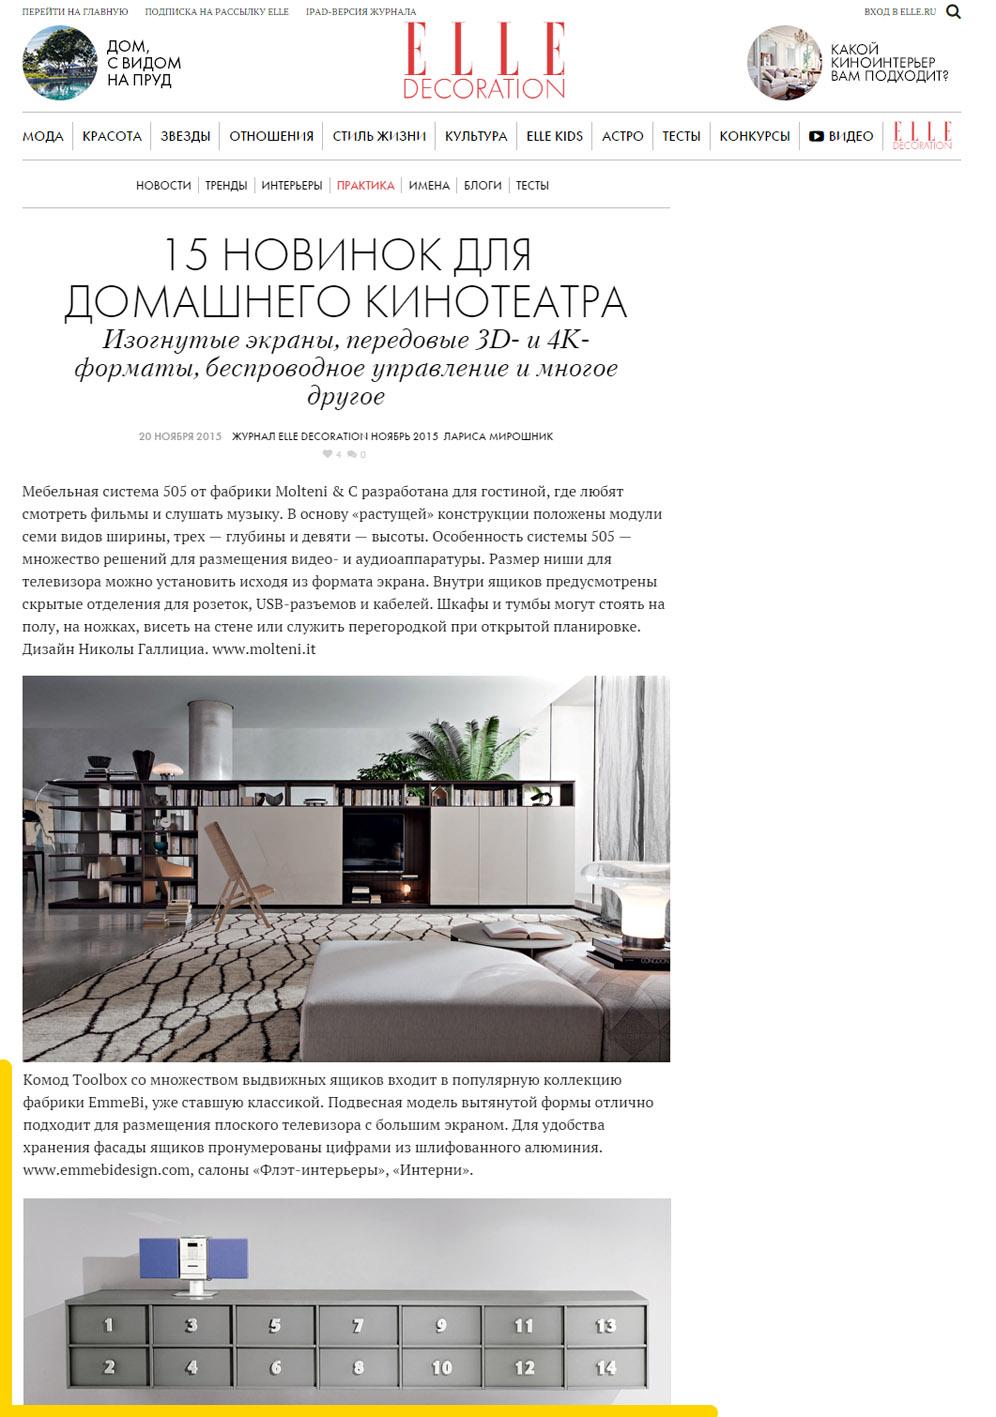 elle.ru . Russia